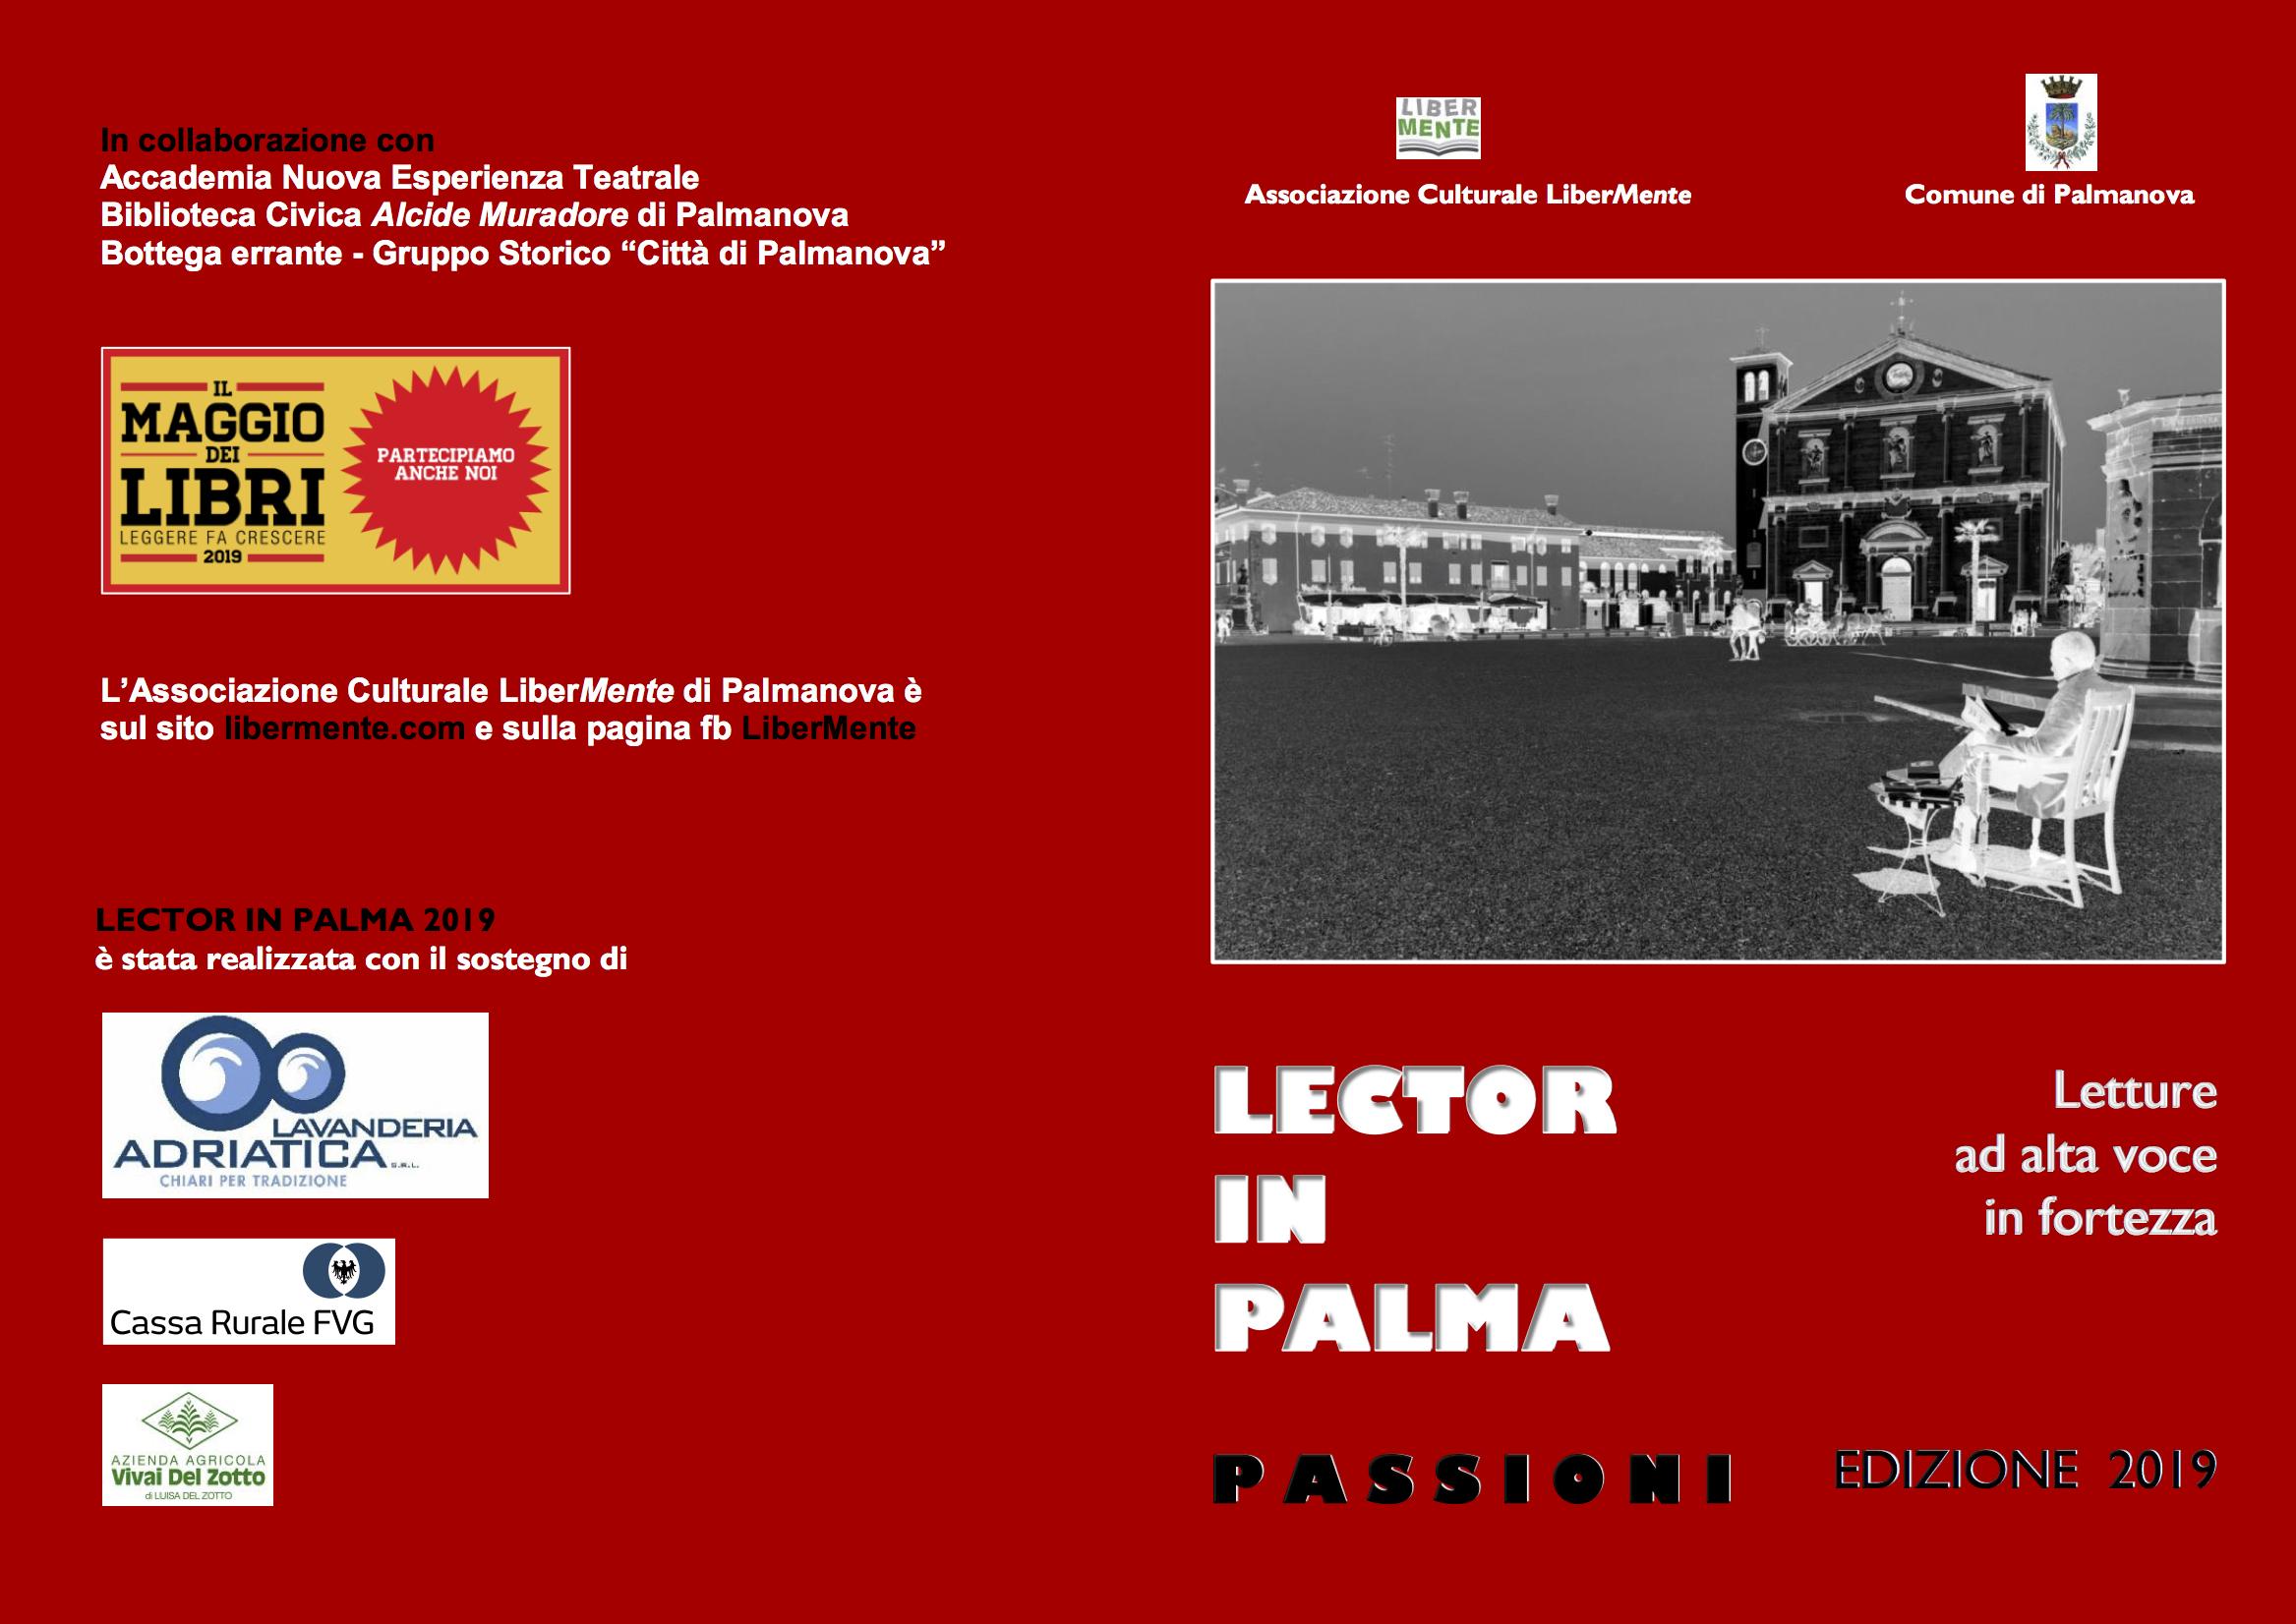 Dep. Lector in Palma 2019 p.1